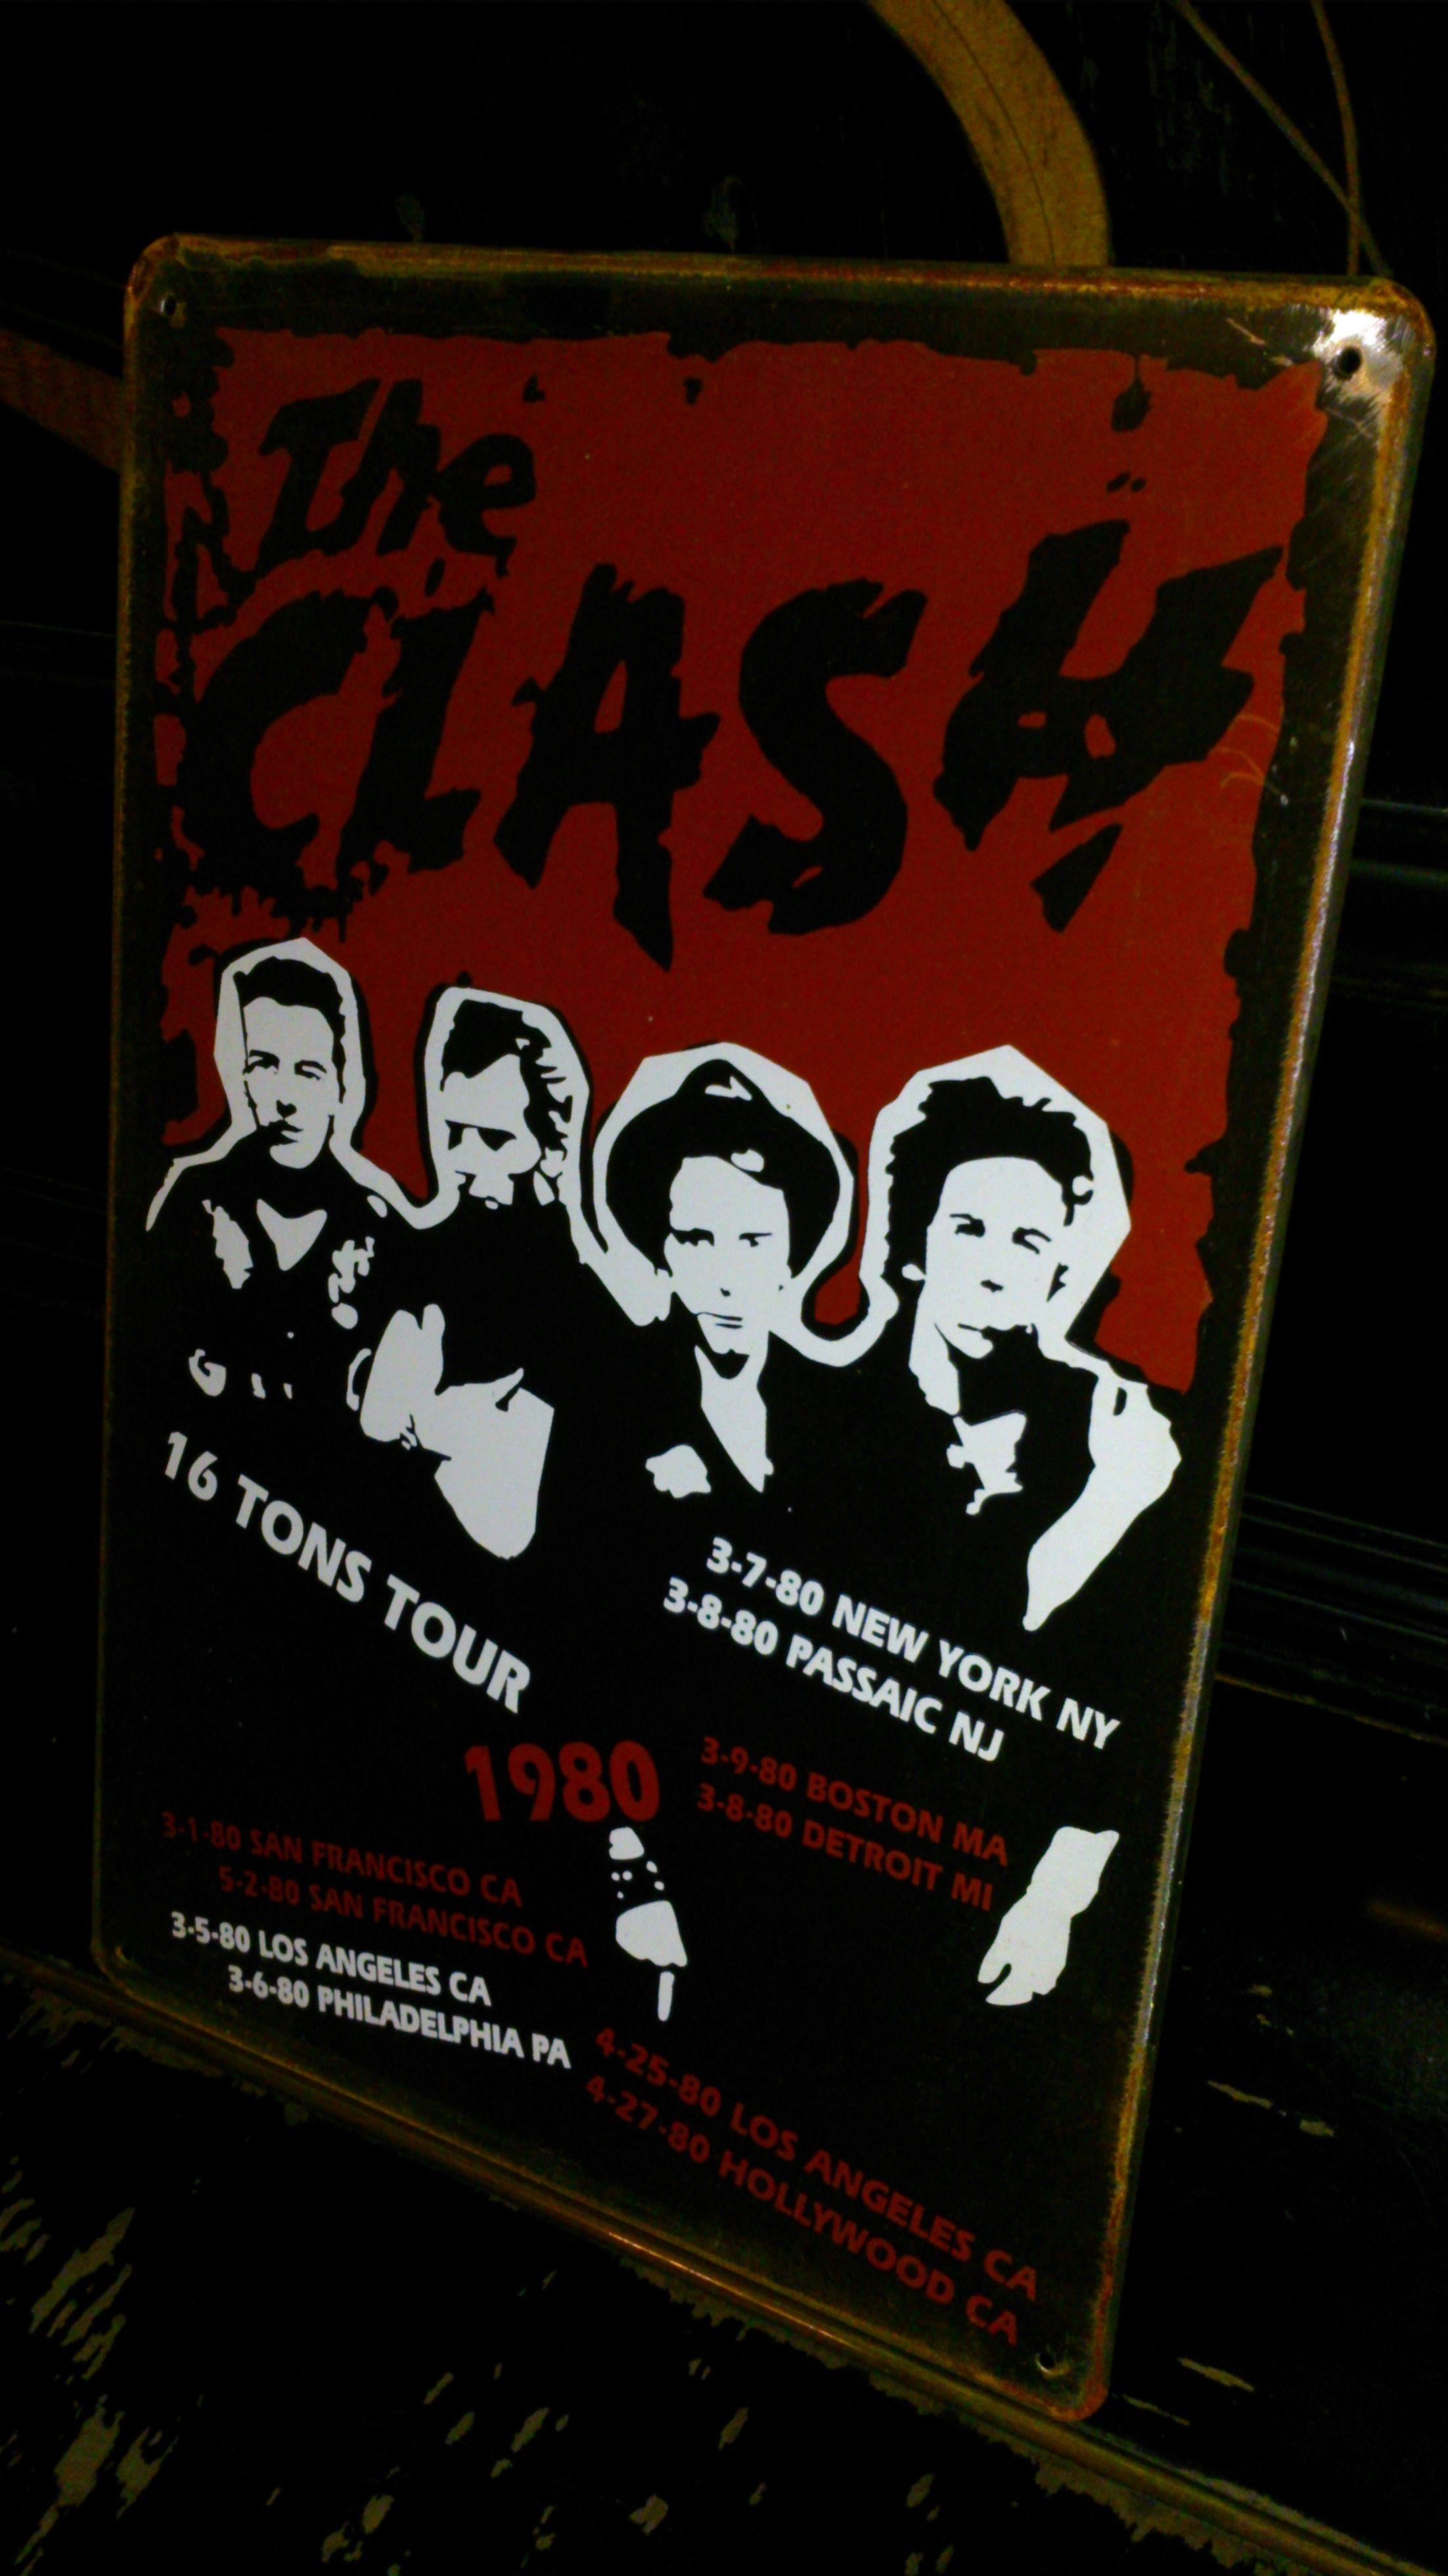 激アレ!ザ・クラッシュ【The Clash】ハンドメイド・英国製看板